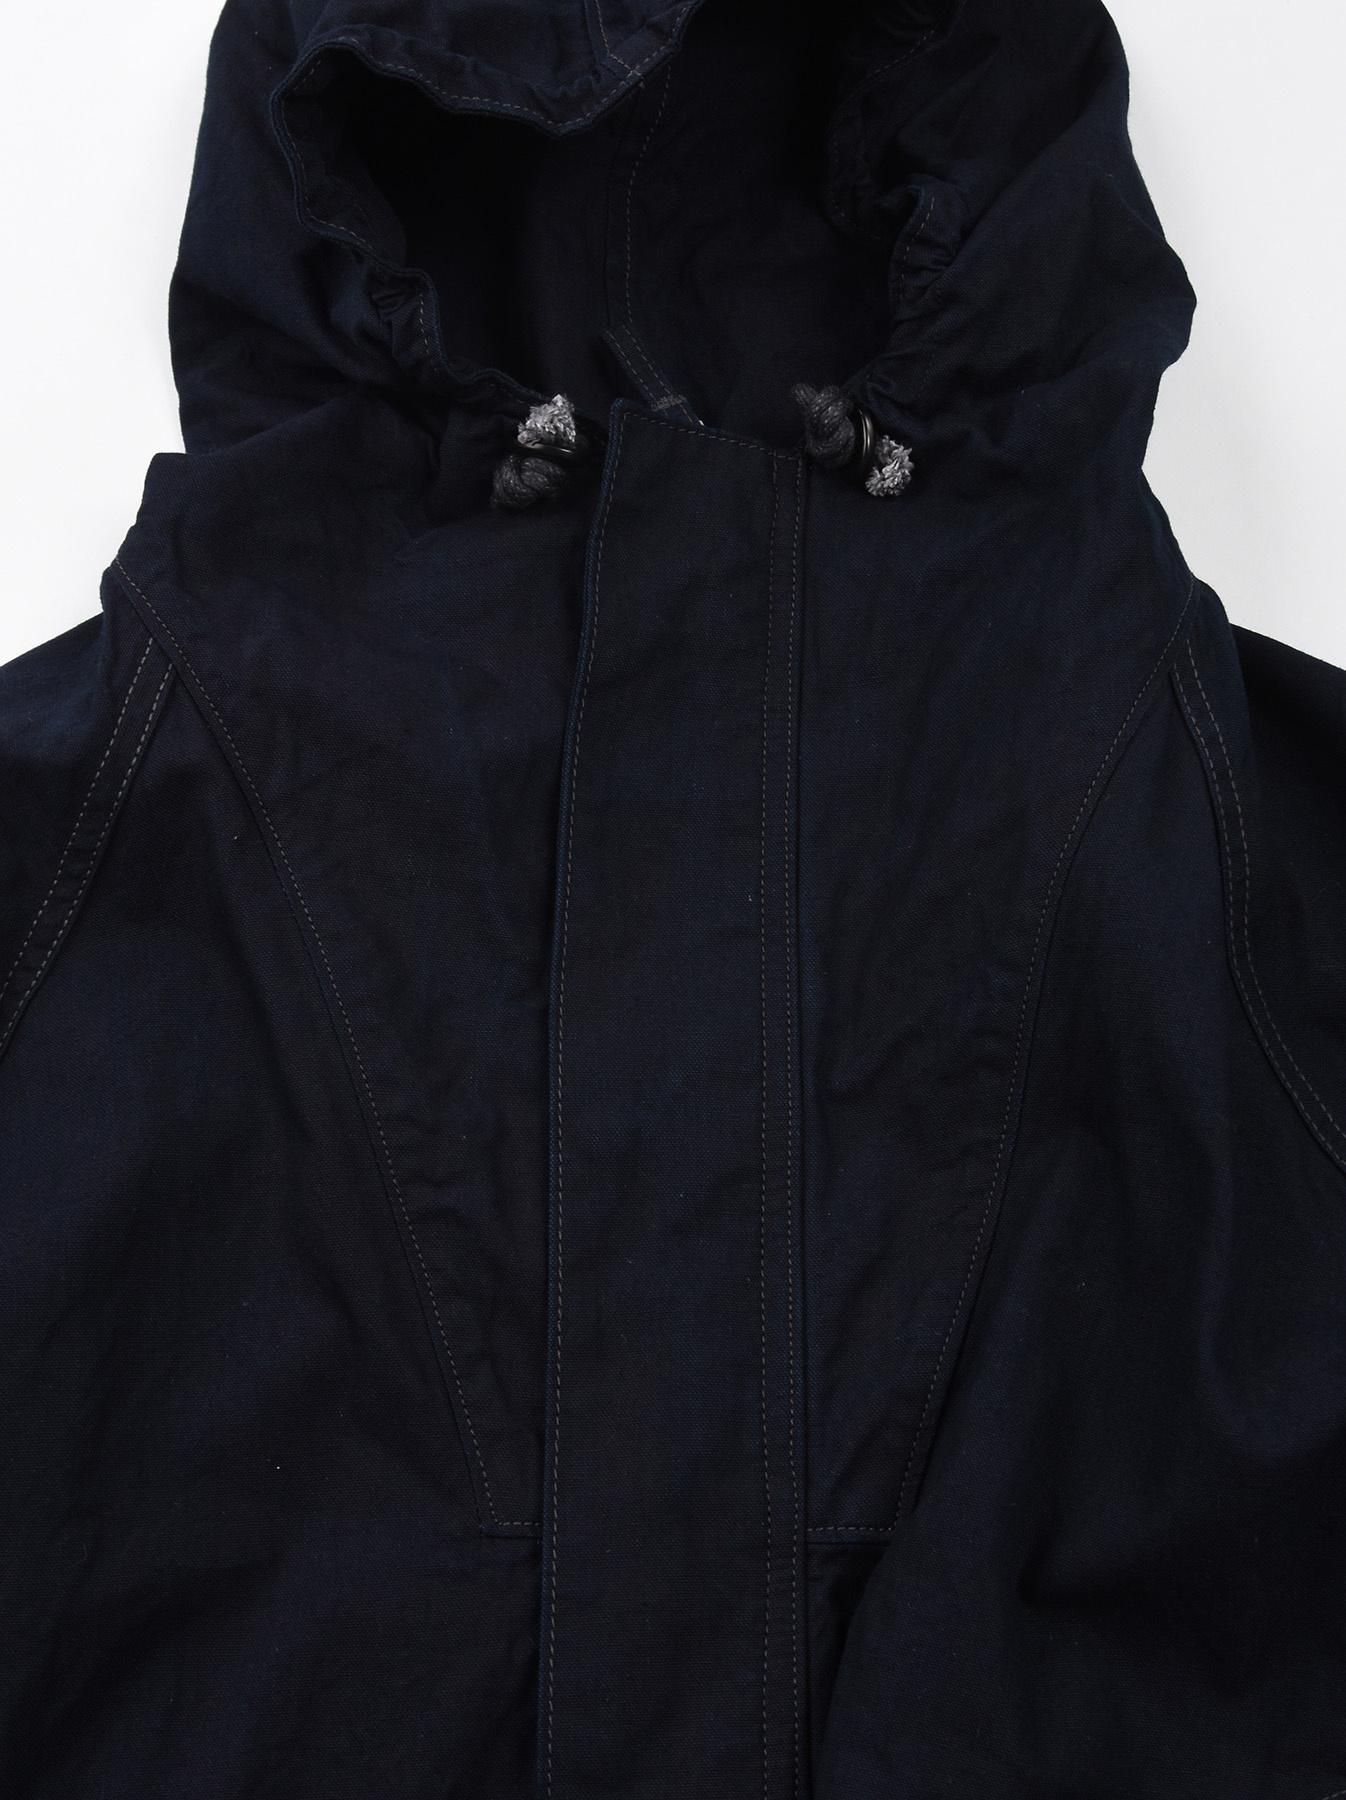 Indigo OX Snow Hoodie Coat-7